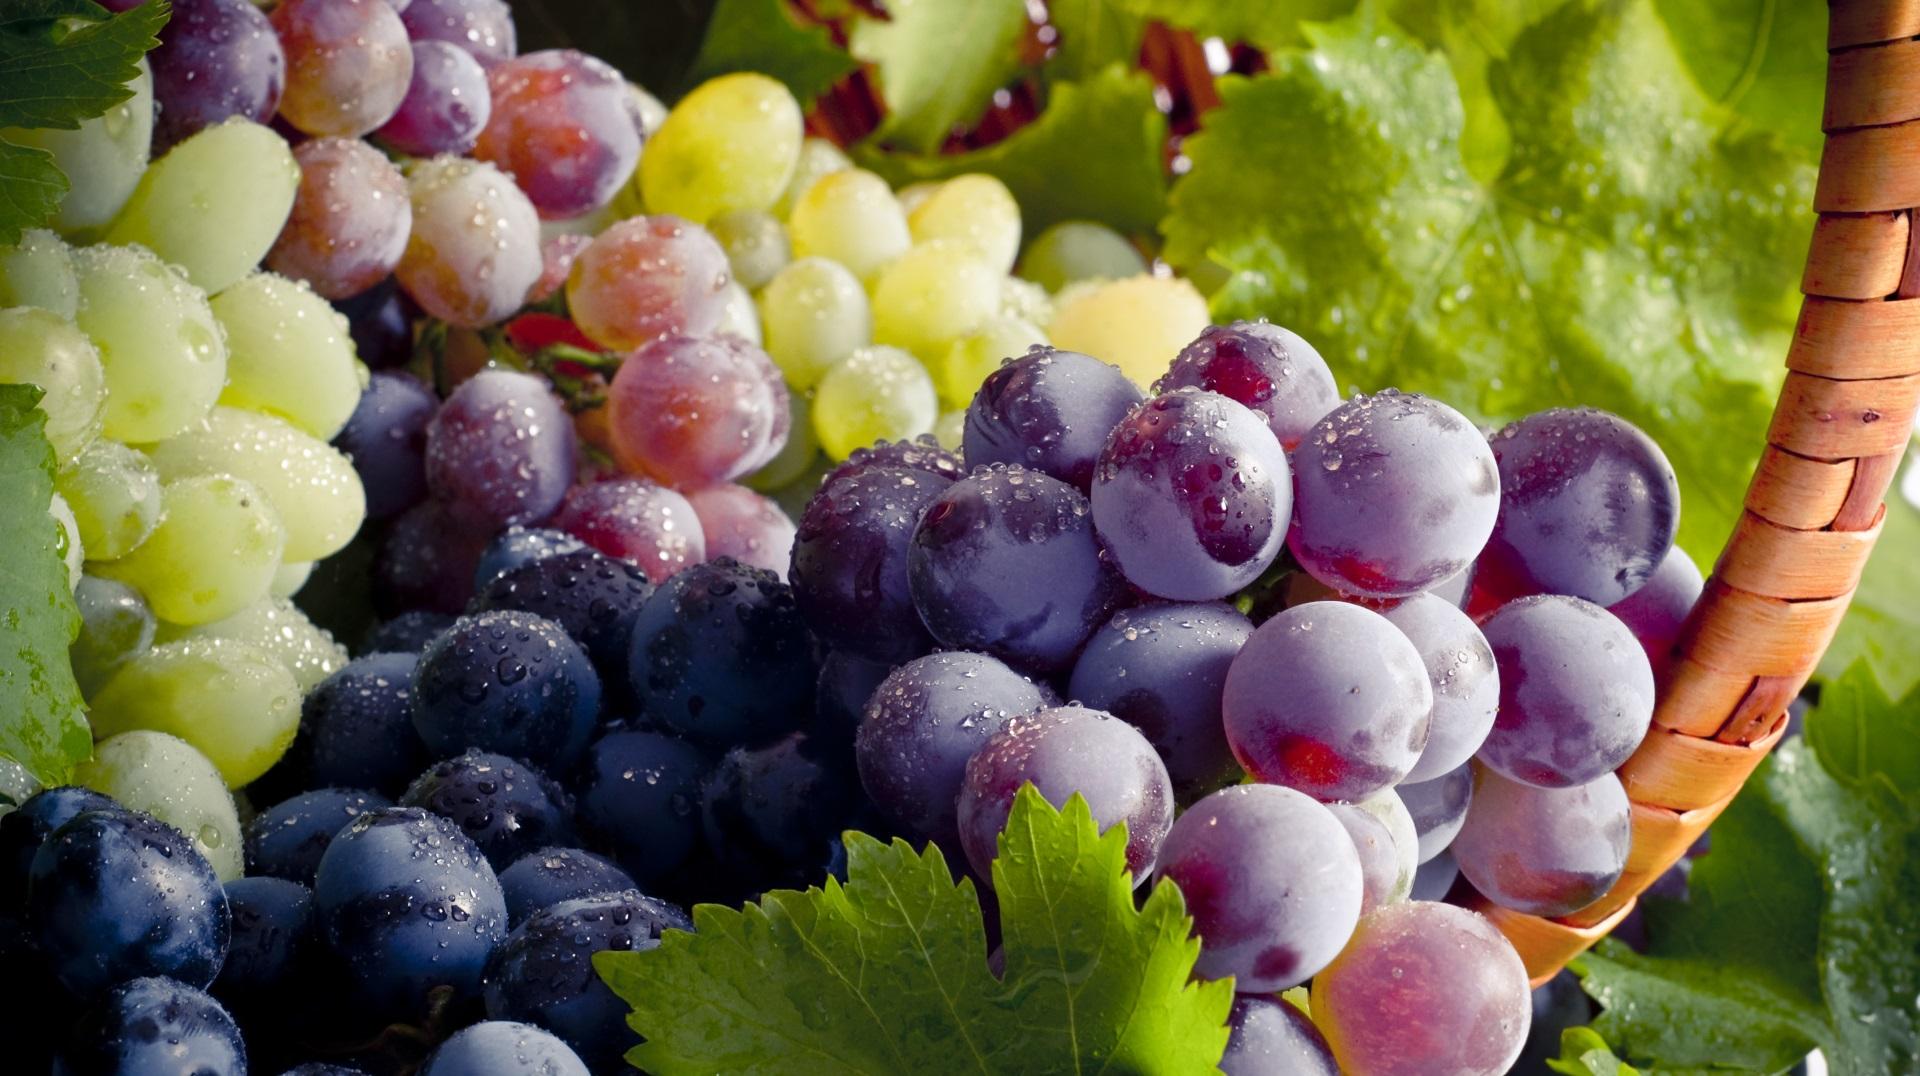 <p><strong>Телец &ndash; грозде</strong></p>  <p>Гроздето е най-надеждният плод. То е отлично за похапване в движение и за късна спокойна закуска. Такива са и представителите на зодия Телец надеждни и спокойни.</p>